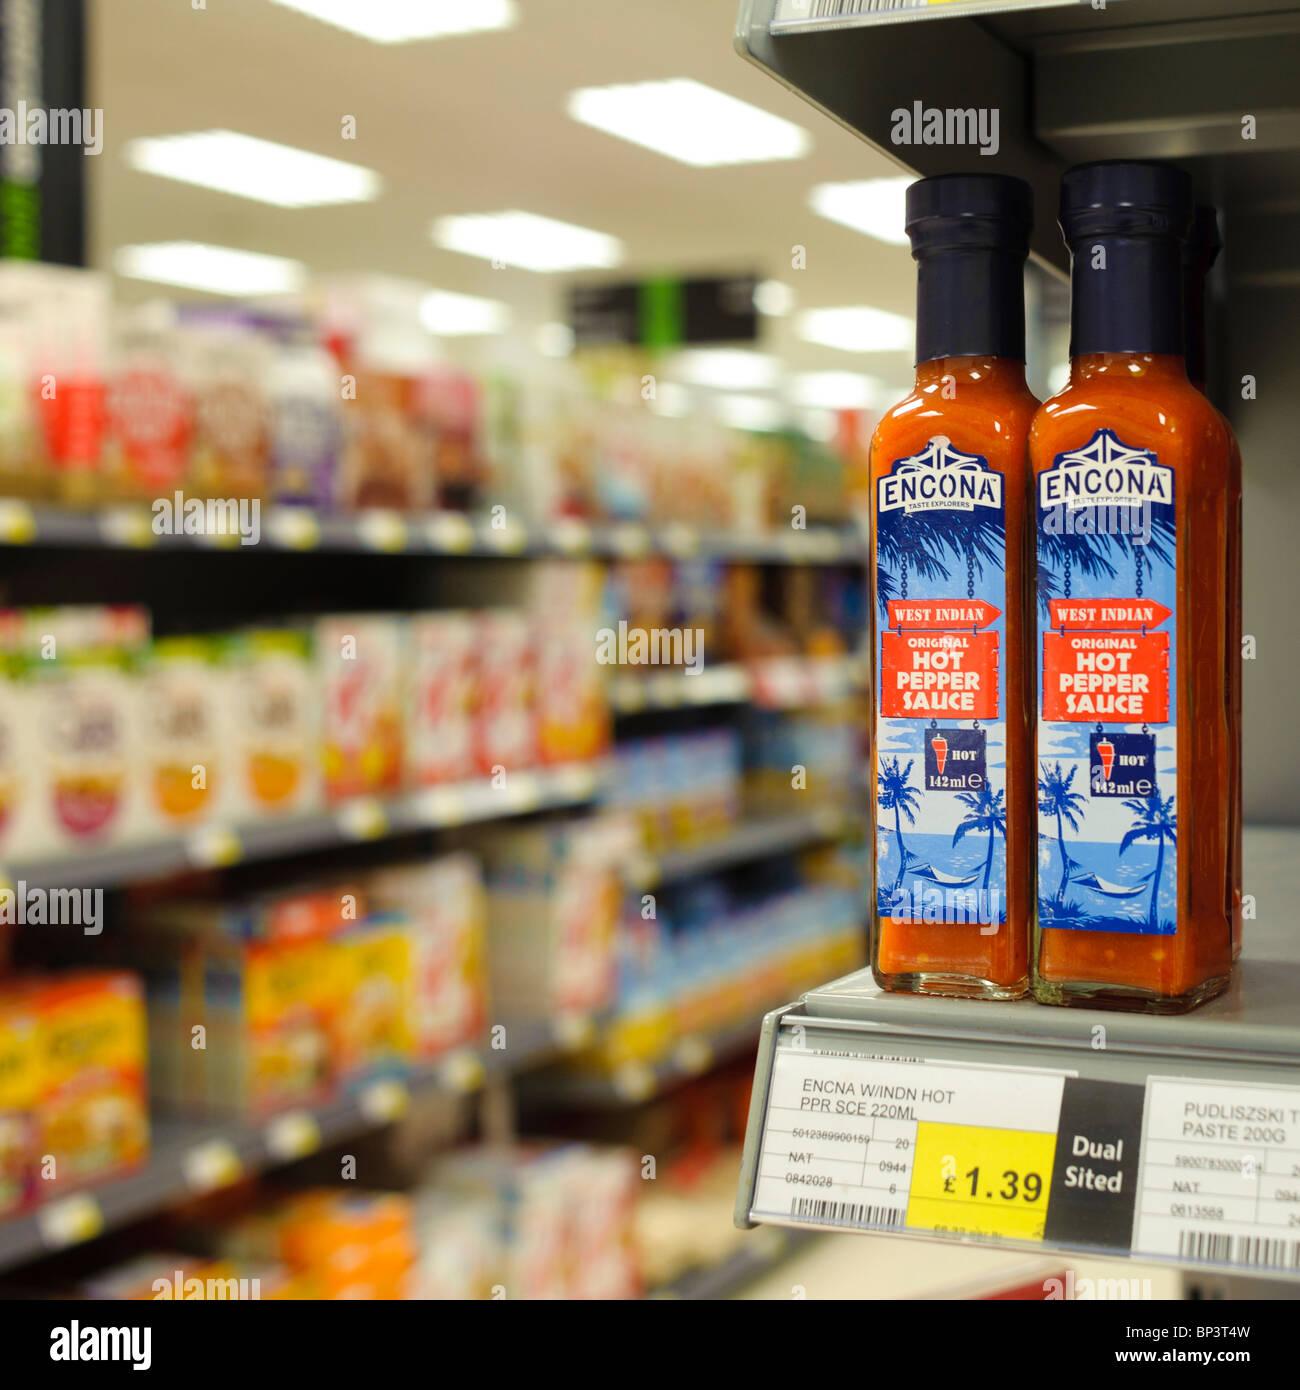 Botella de Salsa de pimiento picante encona en un estante en el supermercado cooperativo, REINO UNIDO Foto de stock